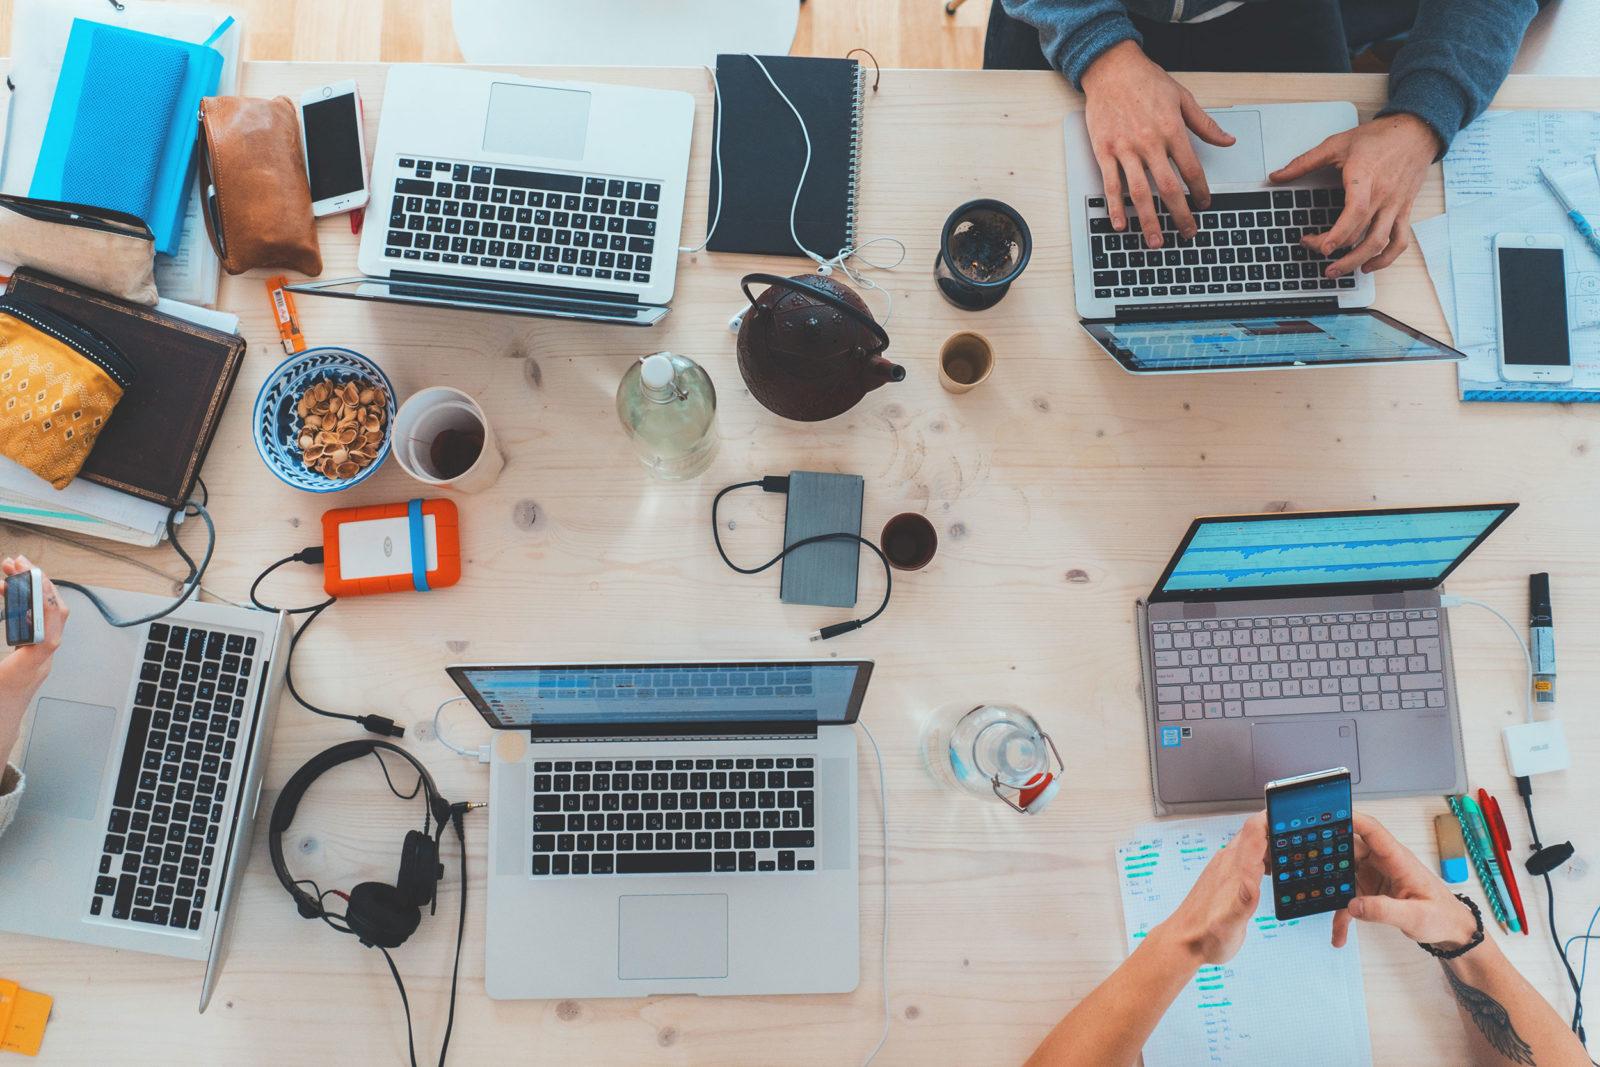 Des gens qui travaillent ensemble sur leur ordinateur autour d'une table